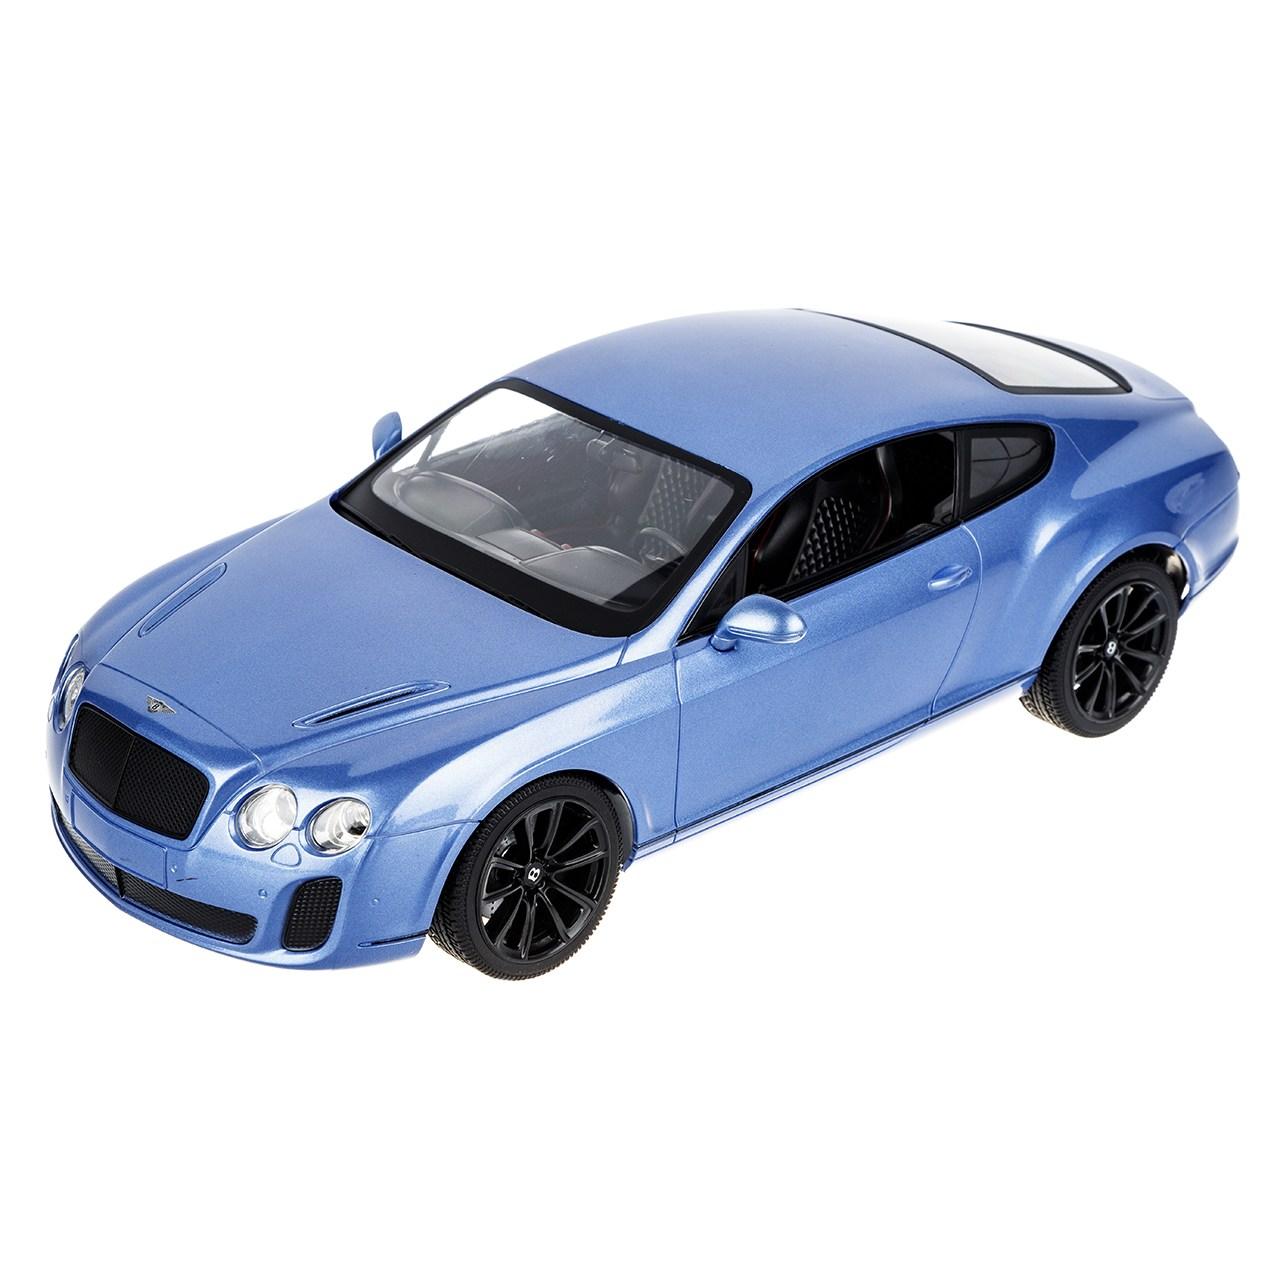 ماشین بازی کنترلی ام زد مدل Bentley 2048